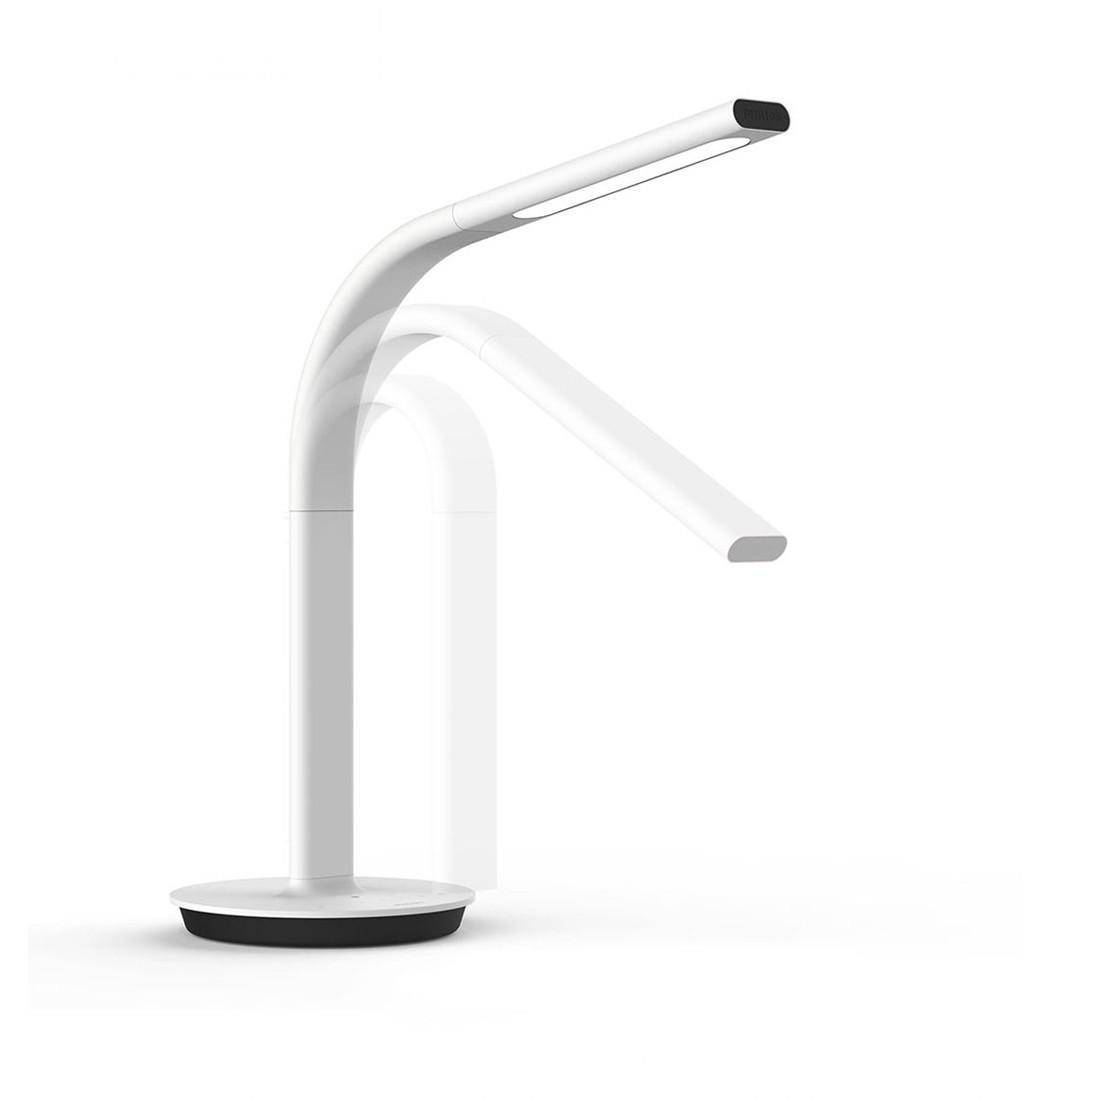 Xiaomi MUE4051RT Philips Eyecare Smart Lamp 2 Настольная светодиодная лампа